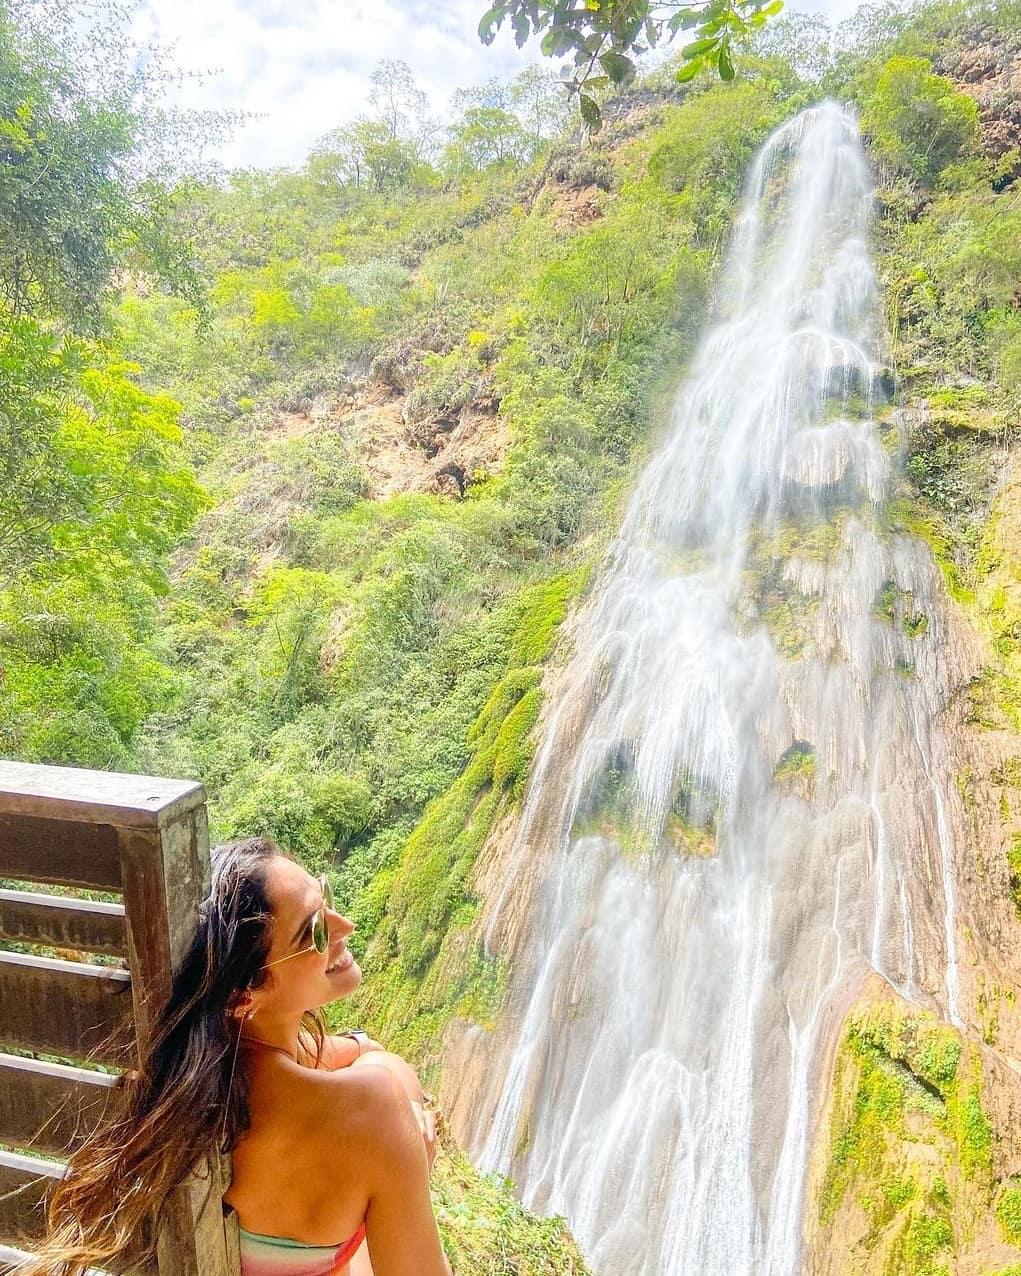 Talita Martins na Cachoeira Boca da Onça, em Bonito (MS).Foto: reprodução Instagram.